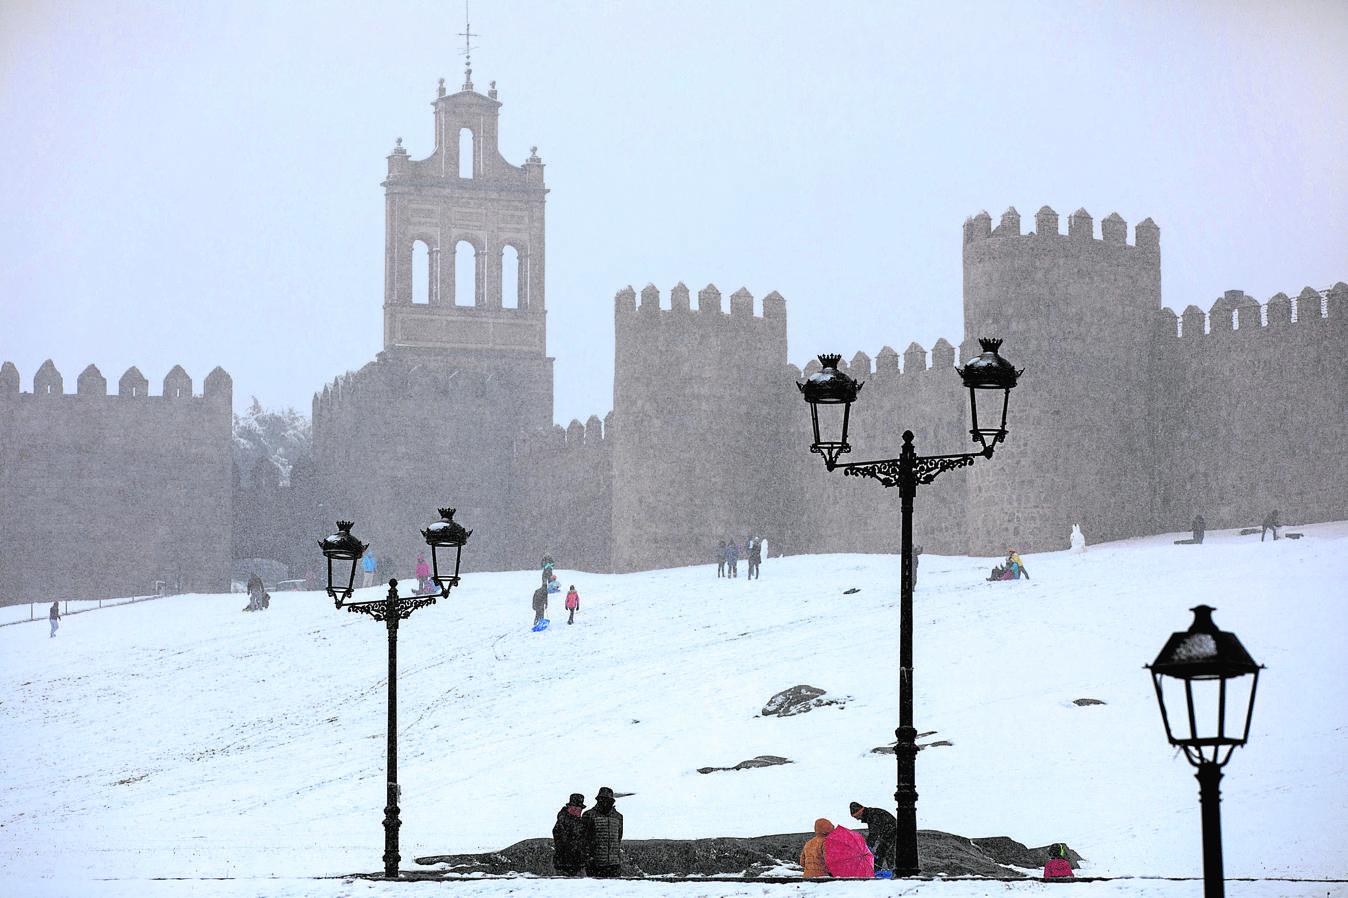 La nevada caída durante las últimas 24 horas en Ávila ha causado numerosos problemas en la capital, que ha amanecido con una capa de nieve de entre 30 y 40 centímetros. Un total de 16 personas ha tenido que ser refugiadas en las dependencias de la Policía Municipal